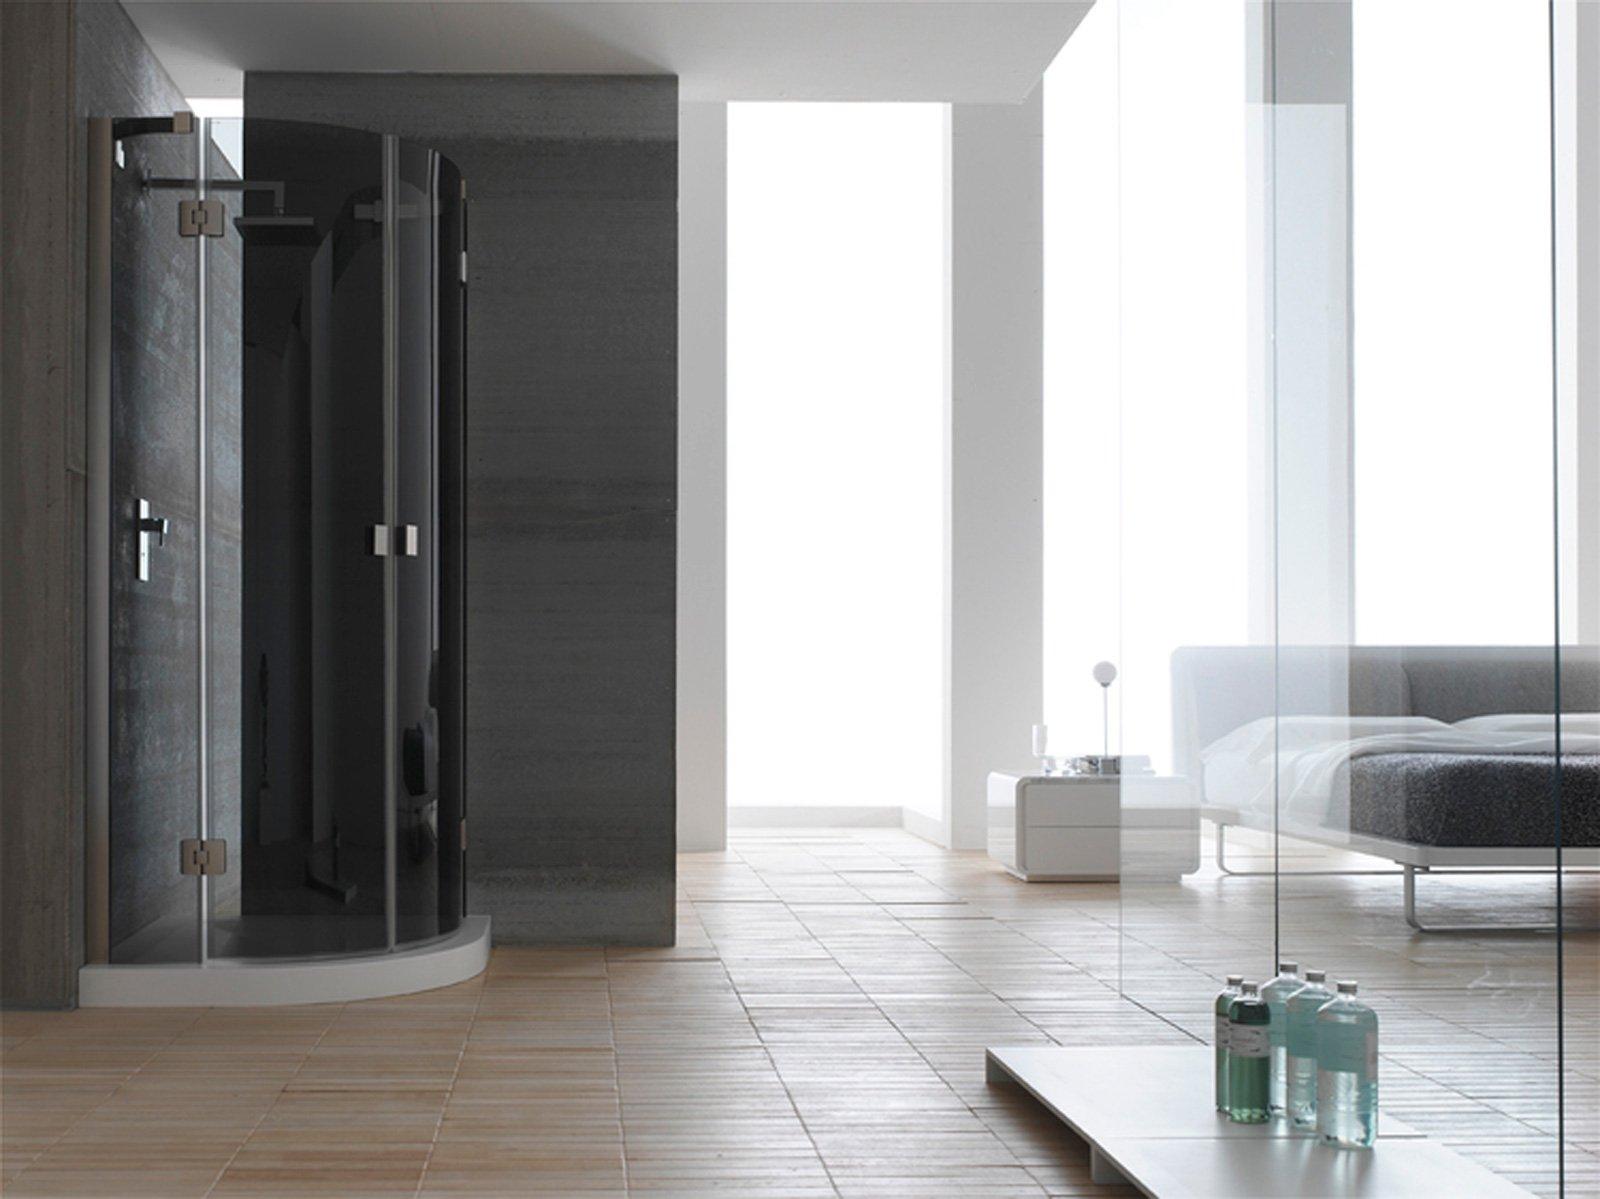 Bagno In Camera Senza Scarico : Il bagno in camera cose di casa